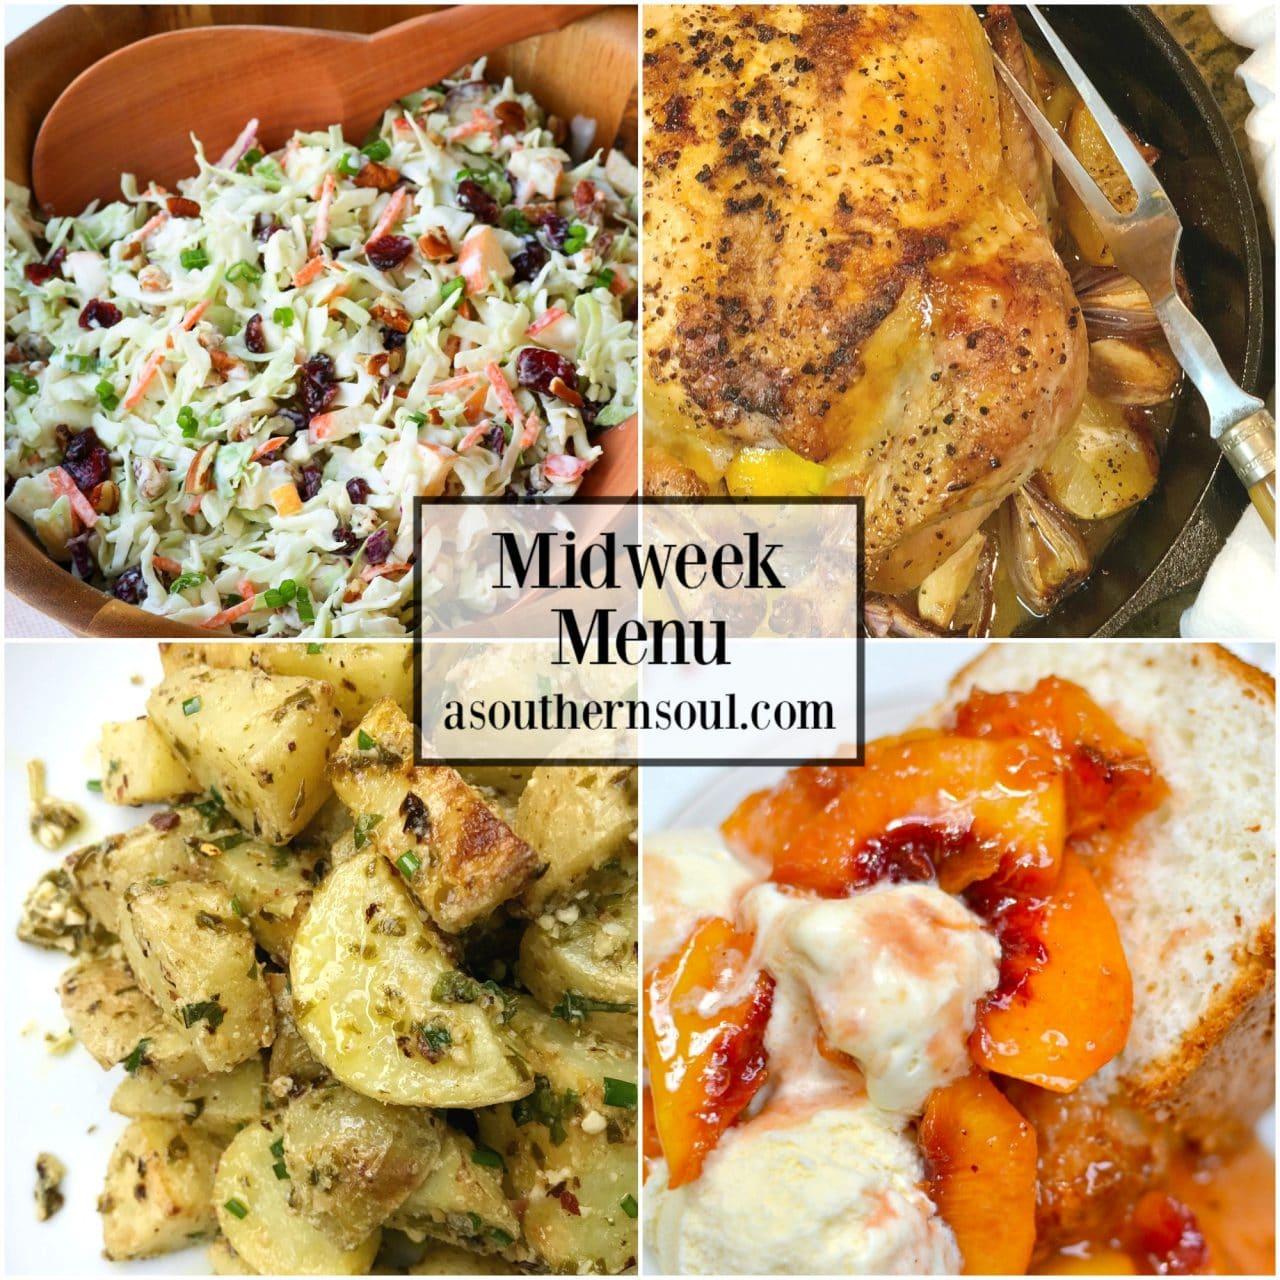 Midweek Menu #53 - Lemon Roasted Chicken